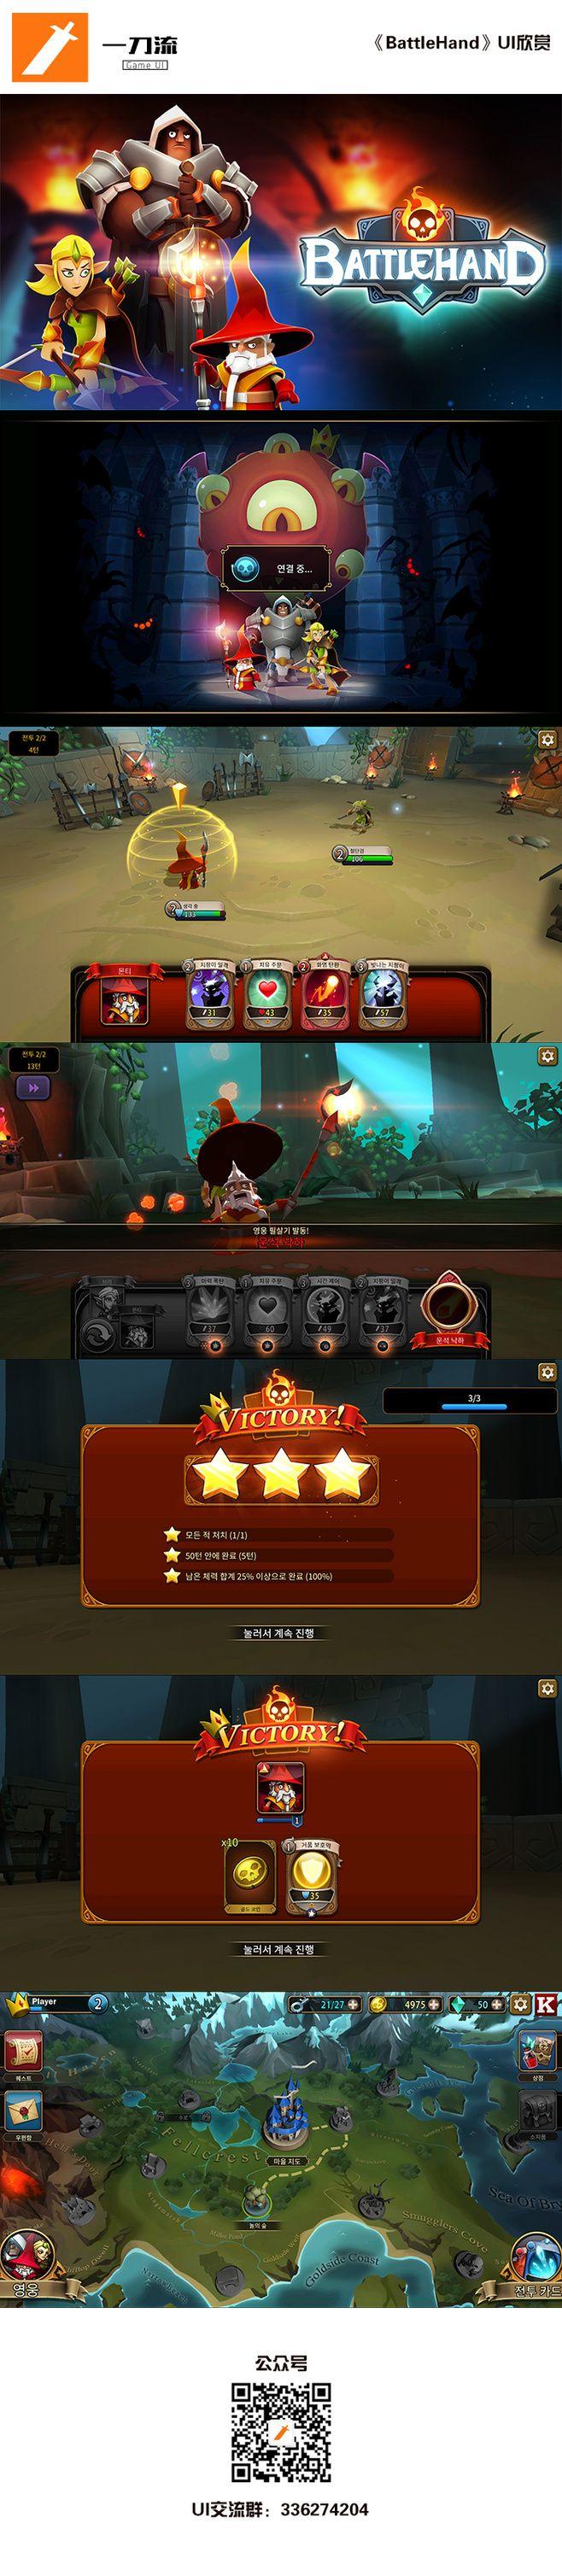 BattleHand,游戏UI,